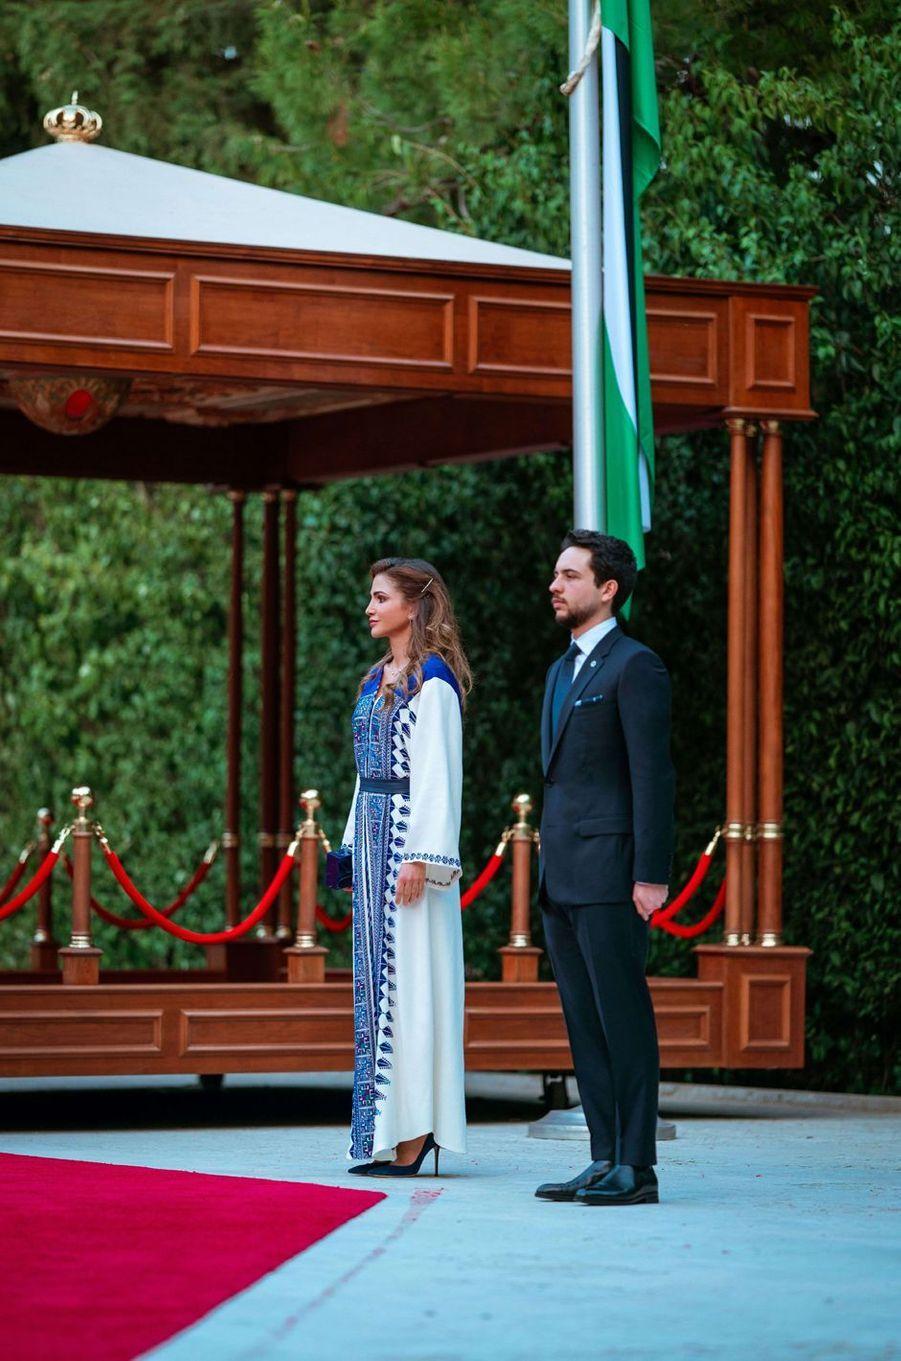 La reine Rania de Jordanie avec le prince héritier Hussein à Amman, le 25 mai 2020